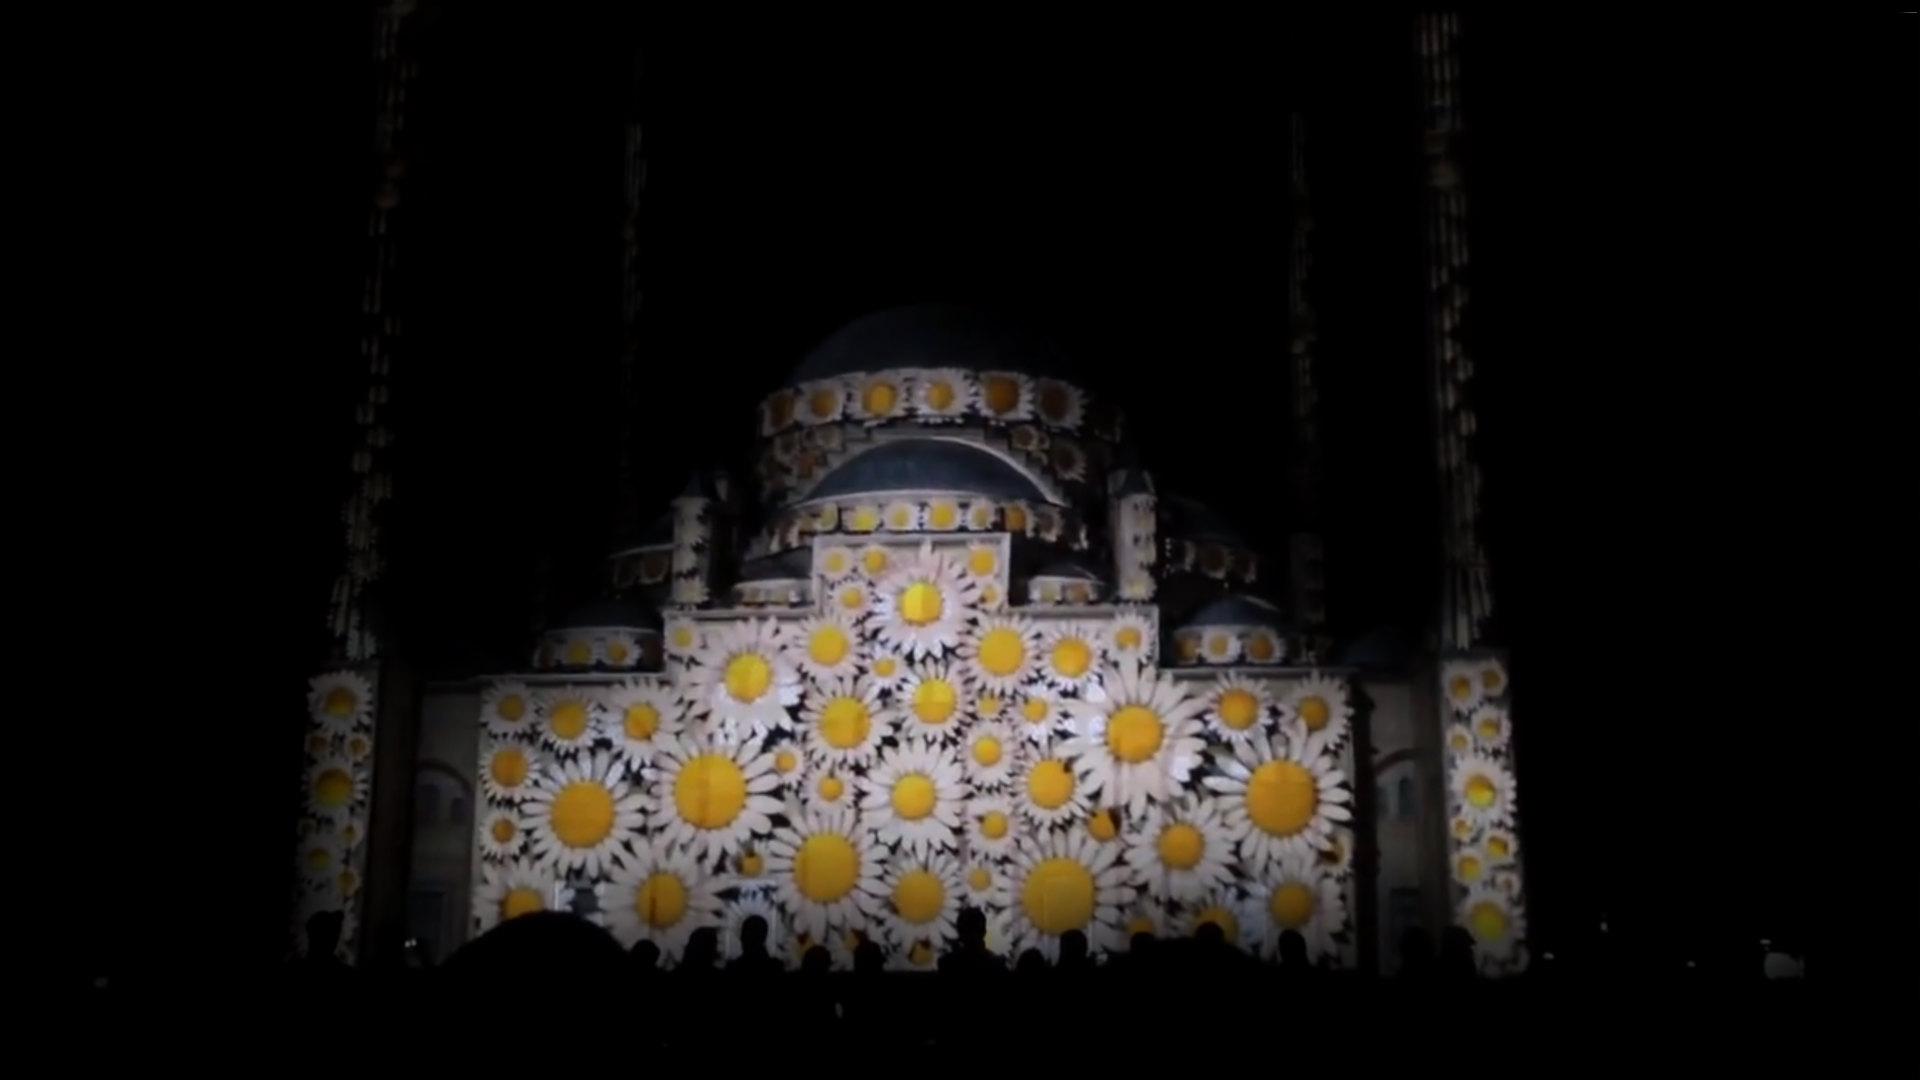 мечеть сердце чечни. лазерное шоу на день города грозный